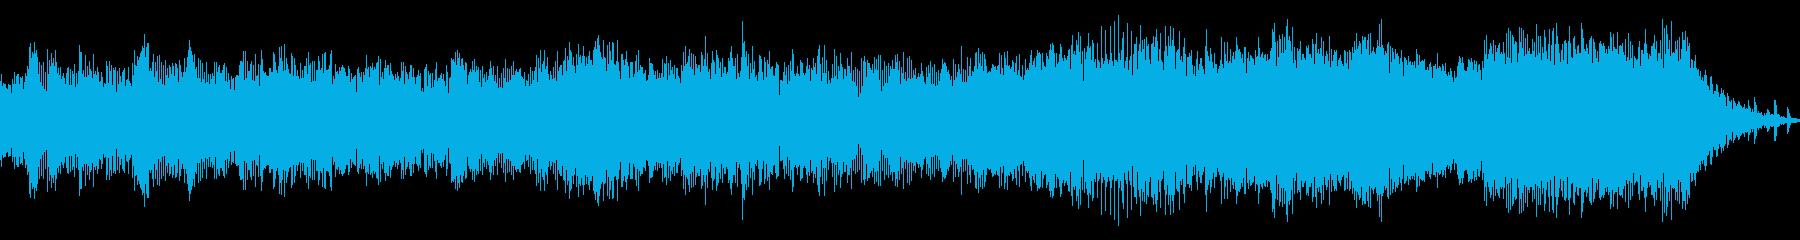 待っている音楽、ピクセルスタイル。...の再生済みの波形